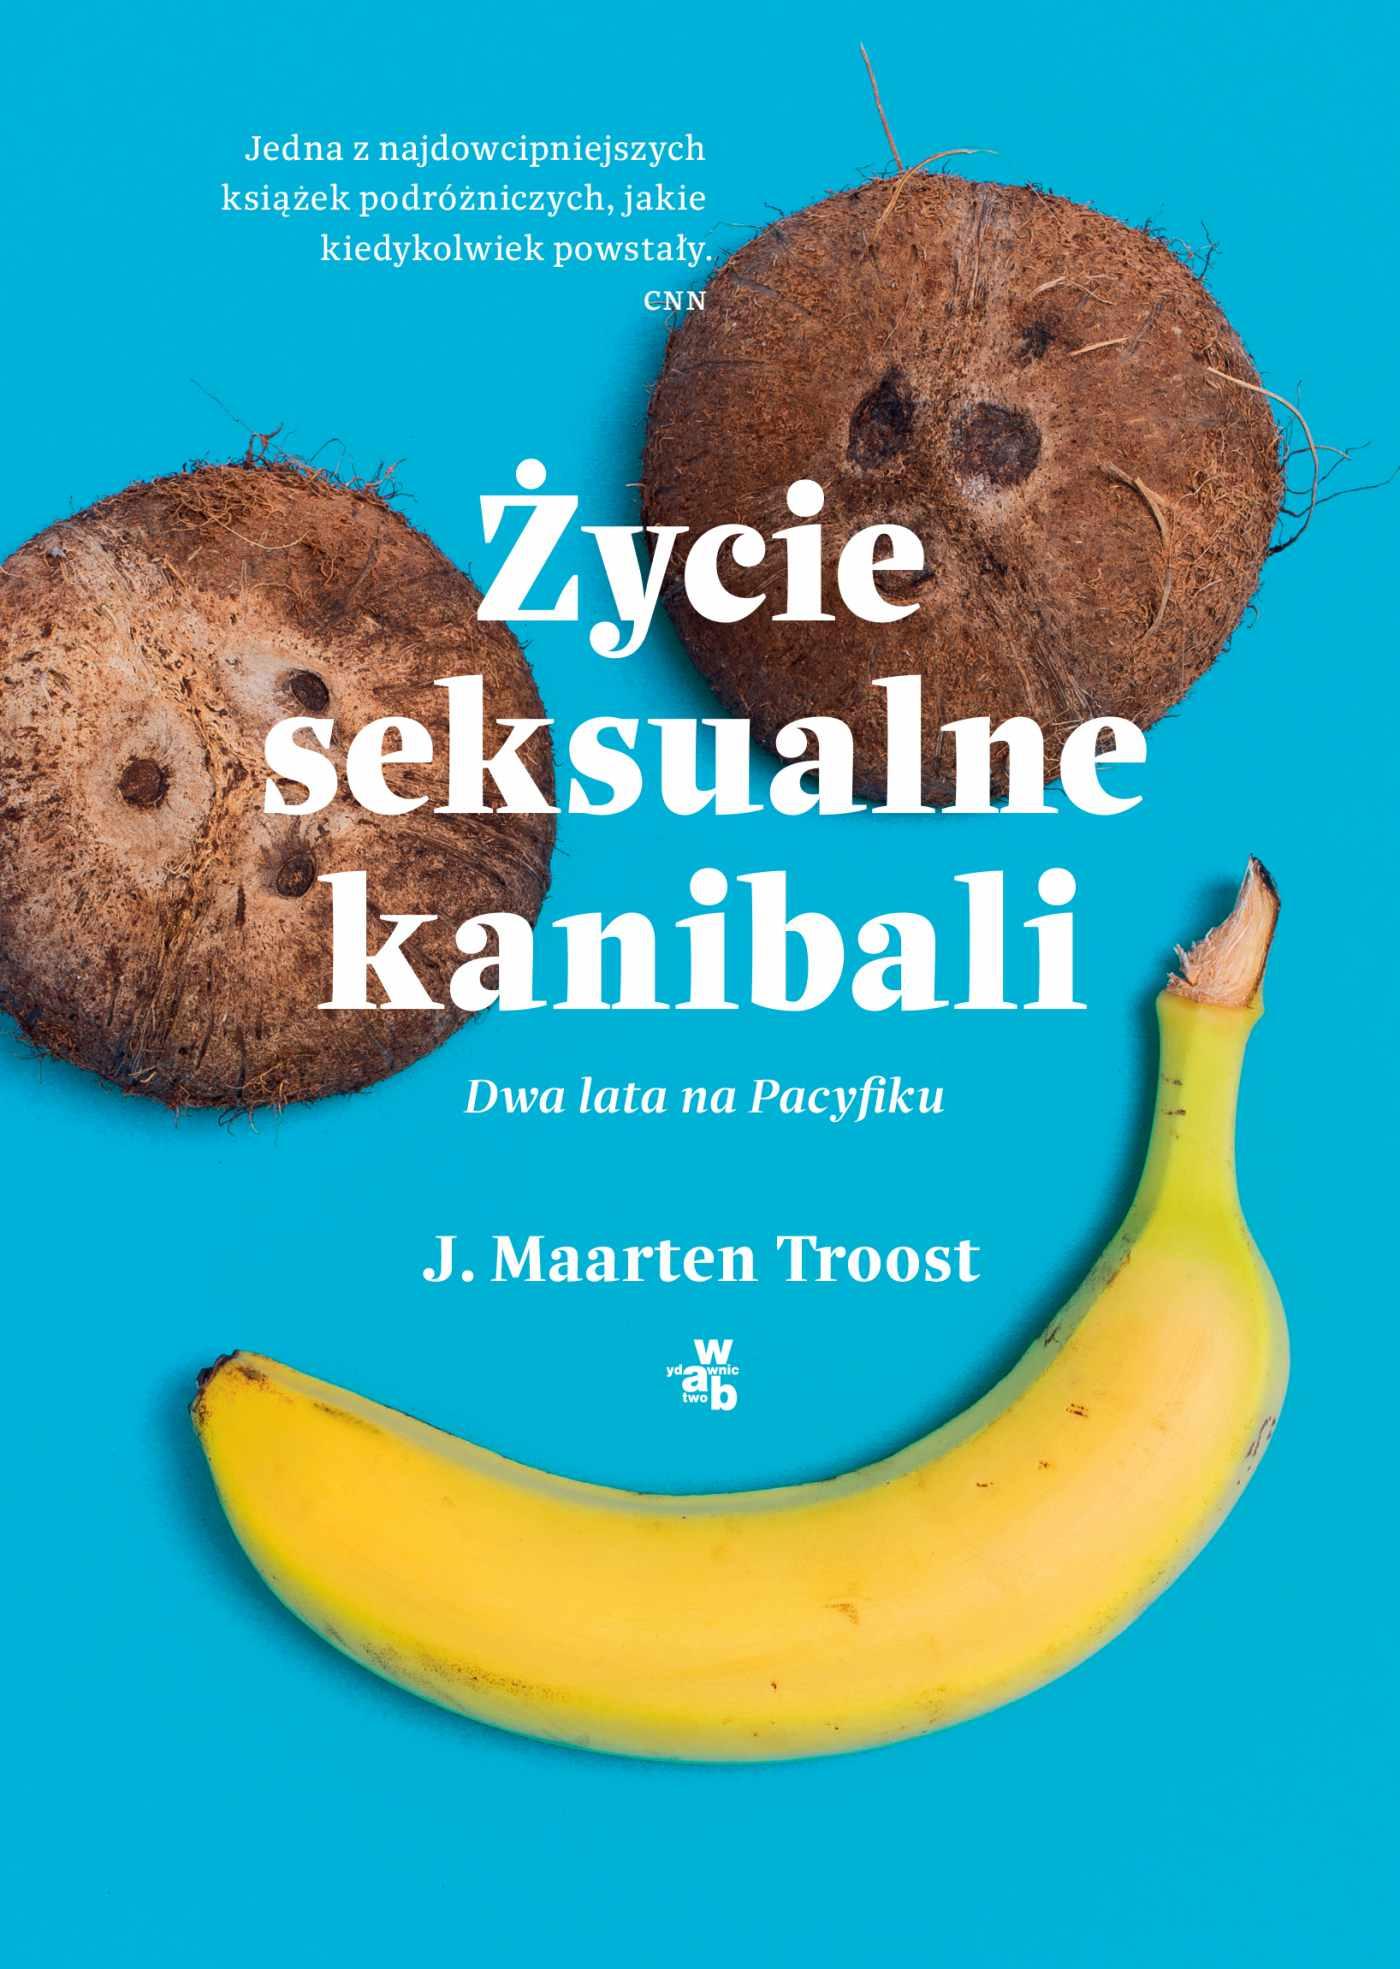 Życie seksualne kanibali - Ebook (Książka na Kindle) do pobrania w formacie MOBI